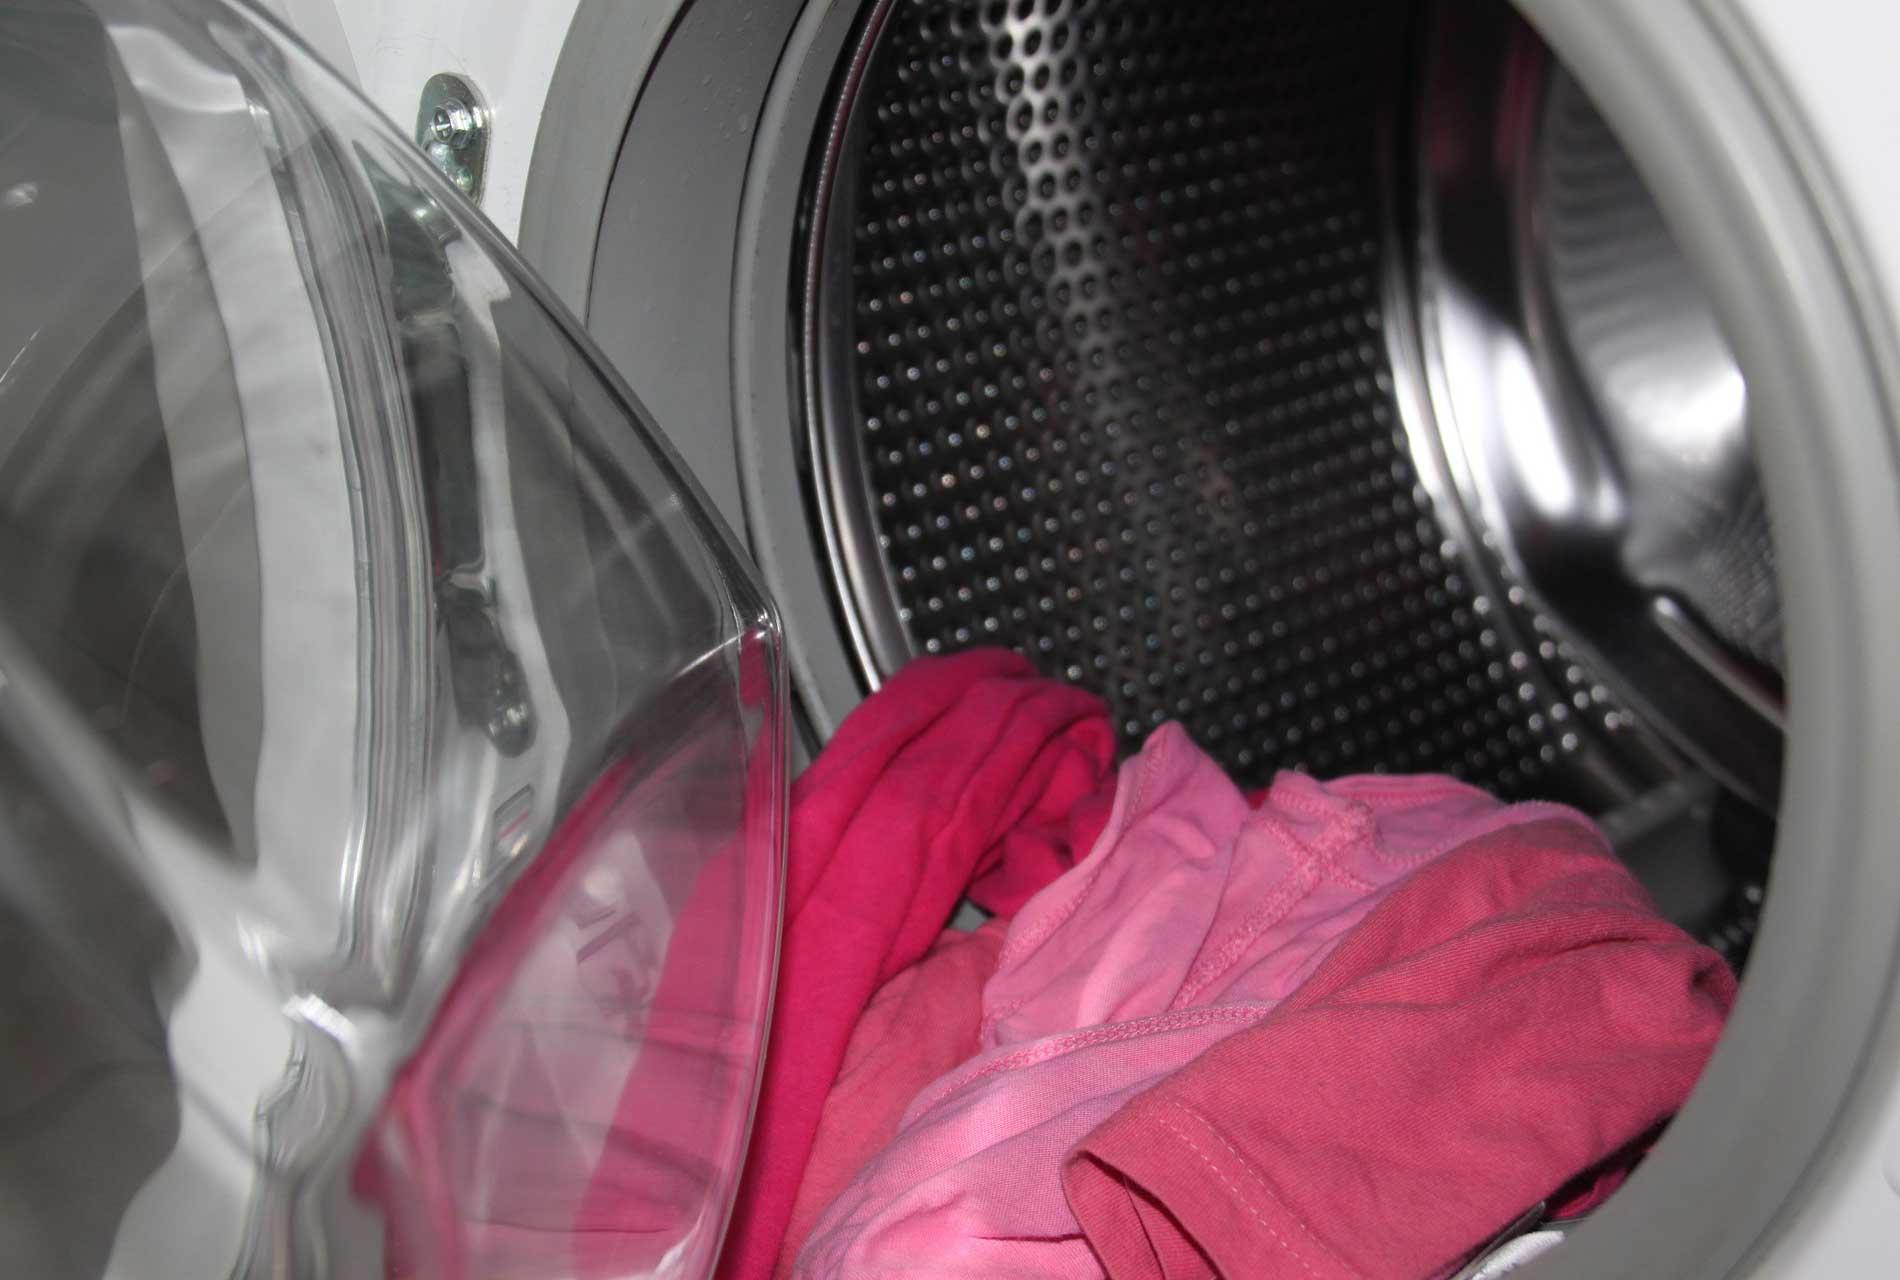 Befüllung Waschmaschine